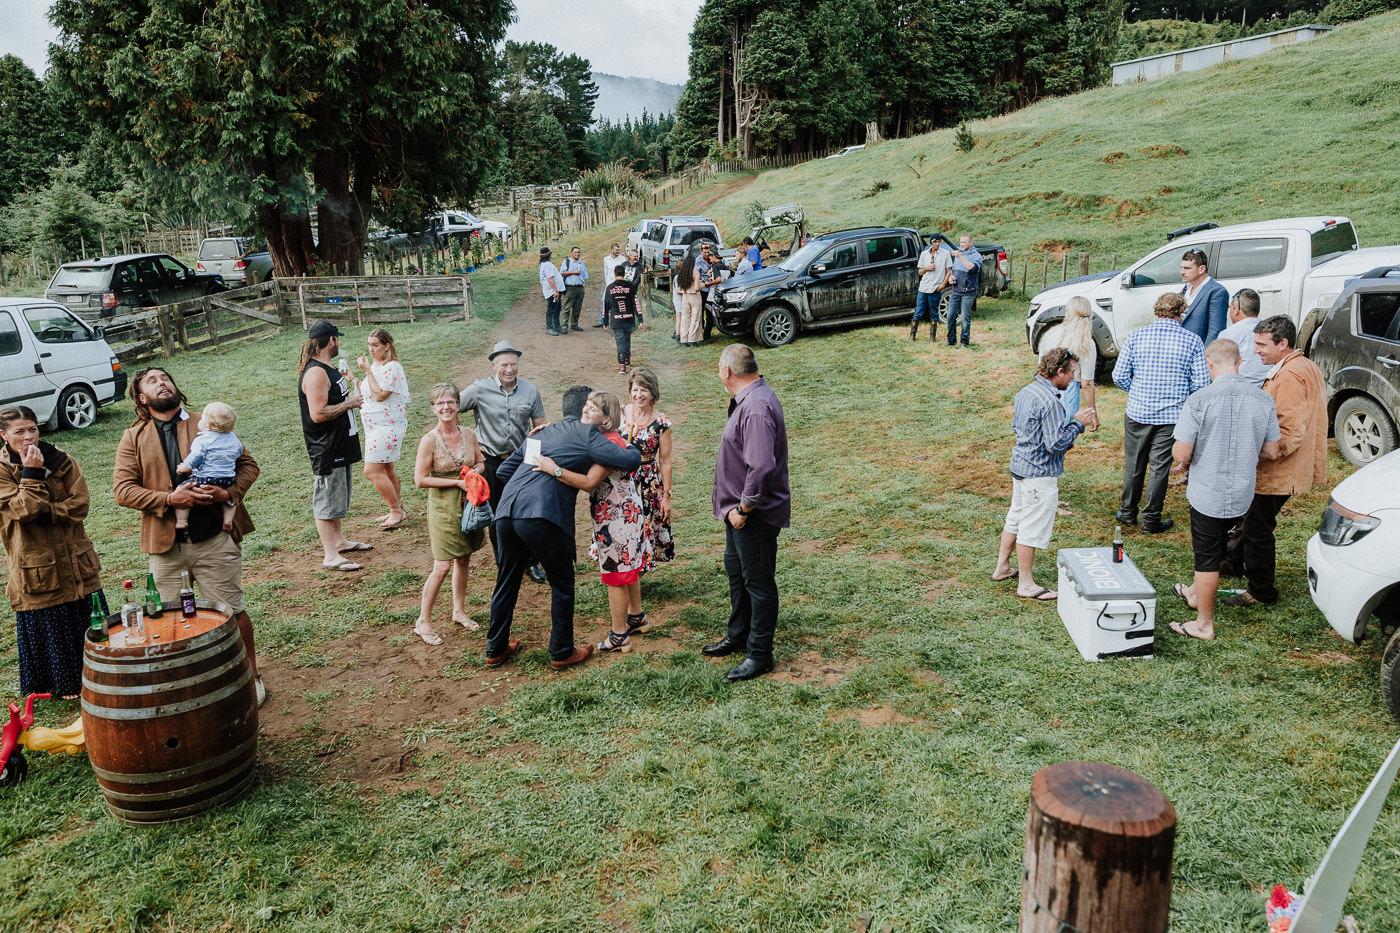 nz_wedding_photographer_gisborne-1178.jpg